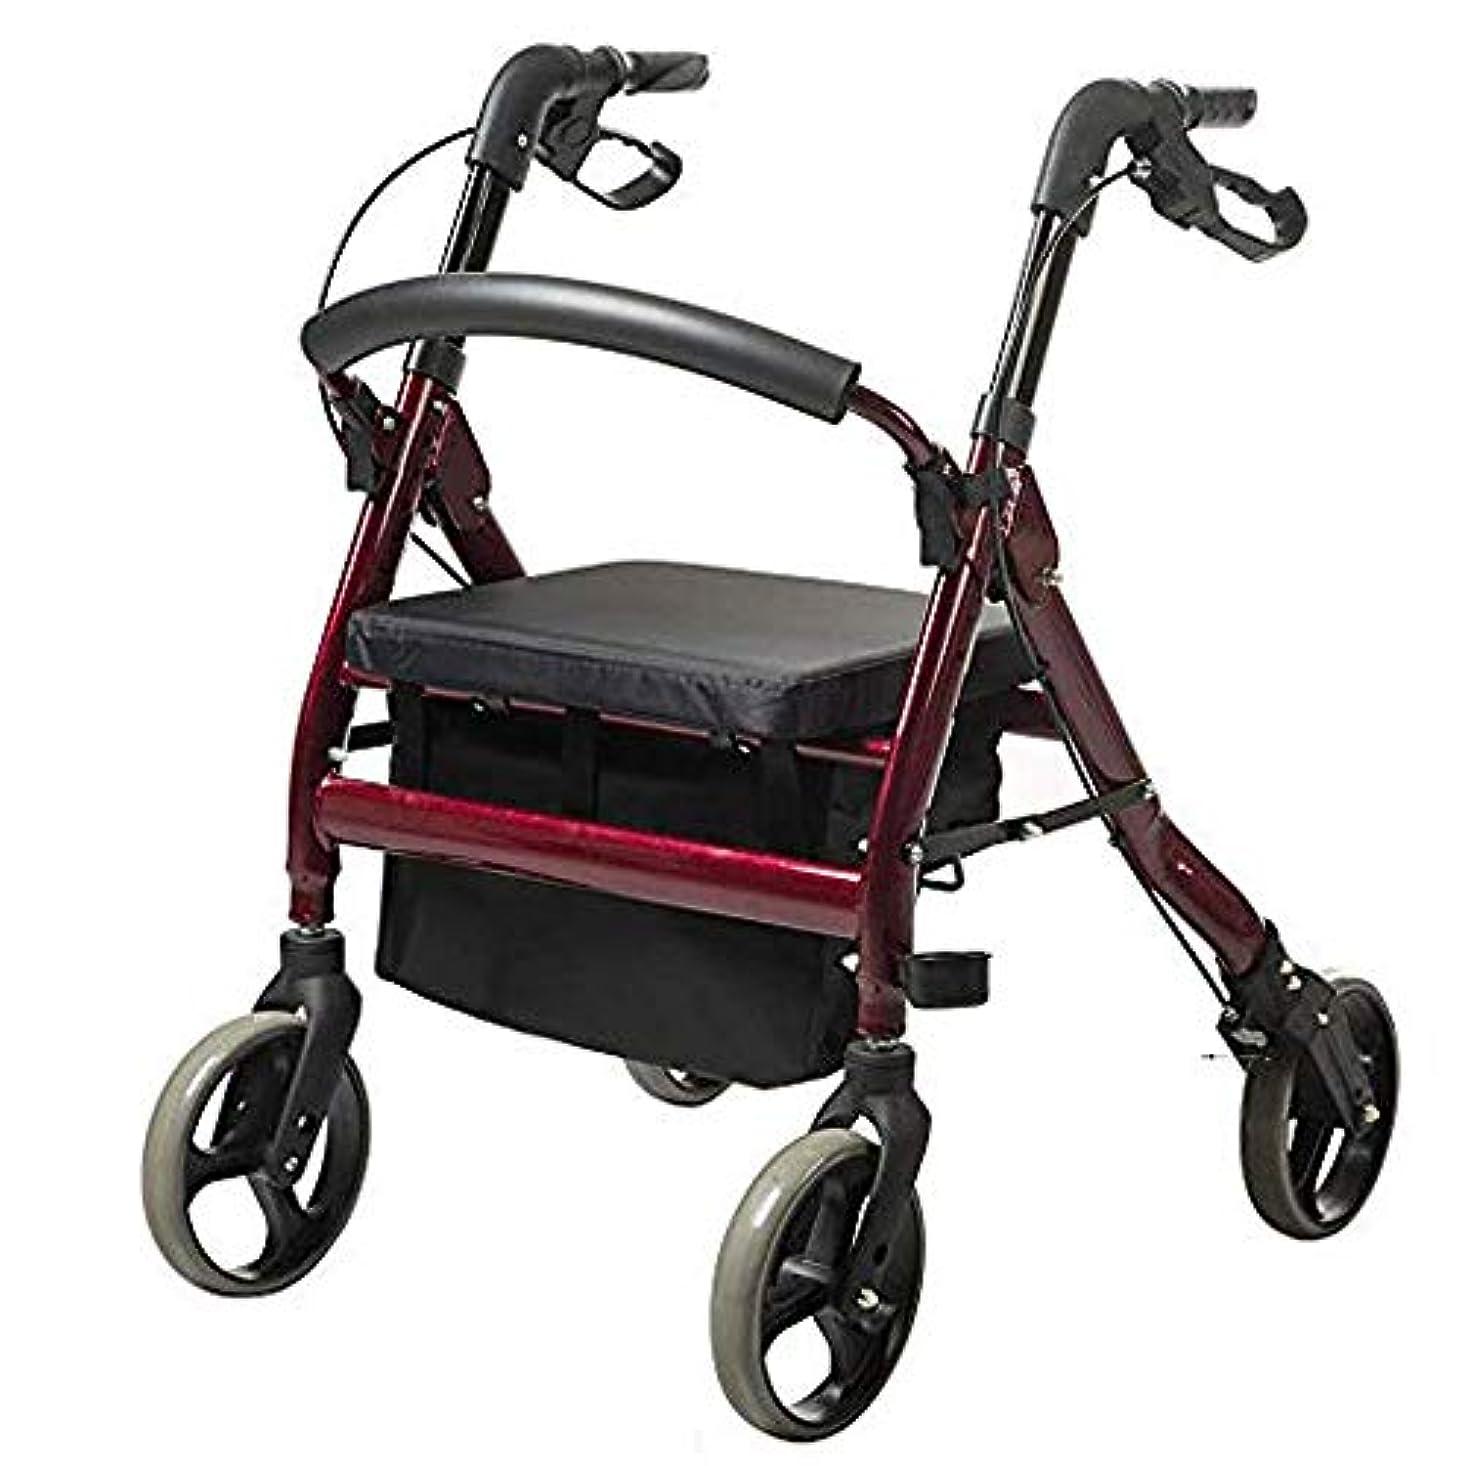 同時器用コレクションアシストウオーカー 室内室外兼用歩行車 車椅子 ショッピングカー 歩行補助用品 抑速ブレーキ機能付 アルミ合金製 折り畳み可